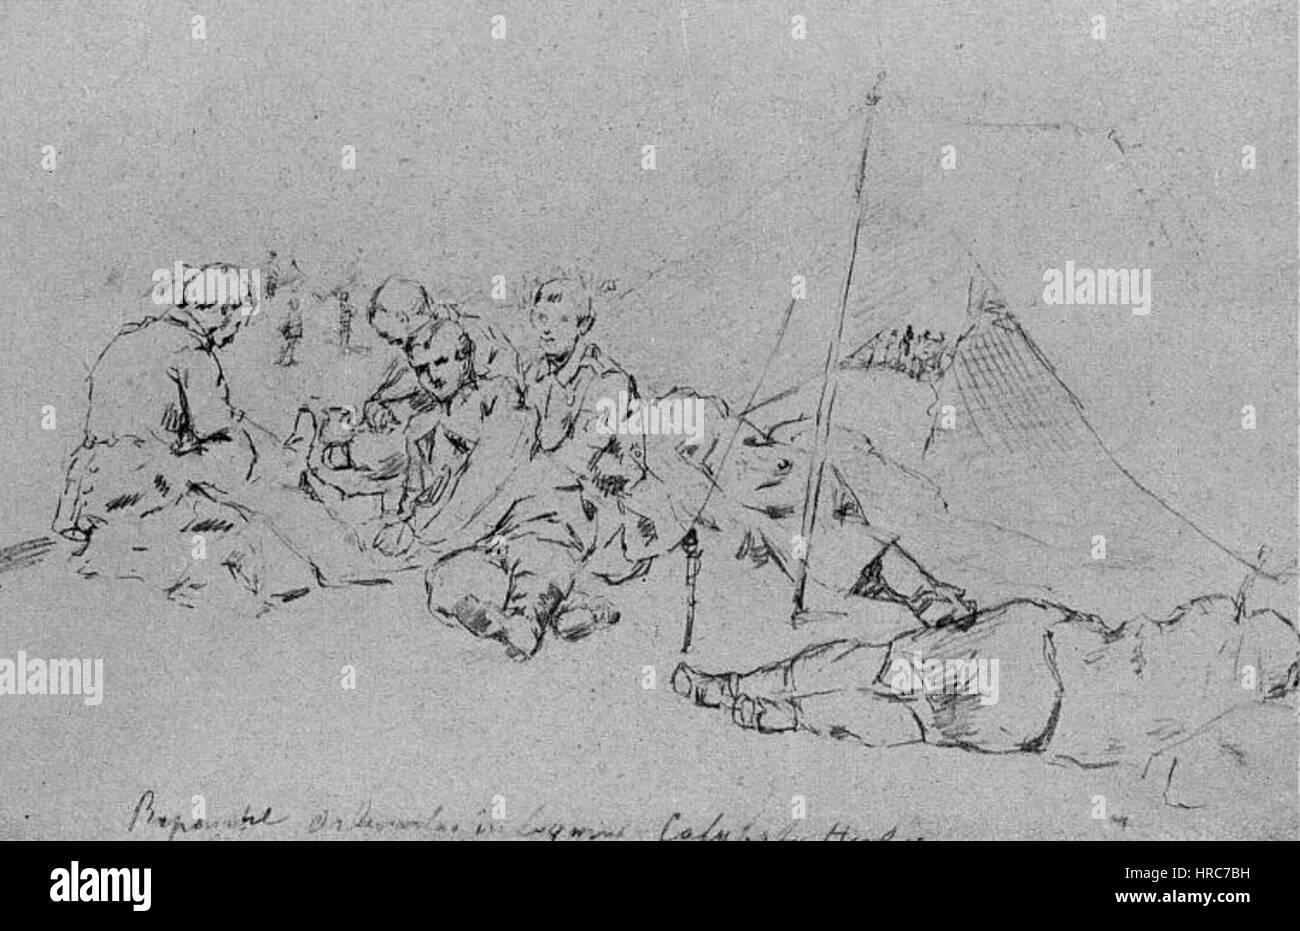 Hentia Pics throughout sava hentia - repausul soldatilor in lagarul calafat stock photo